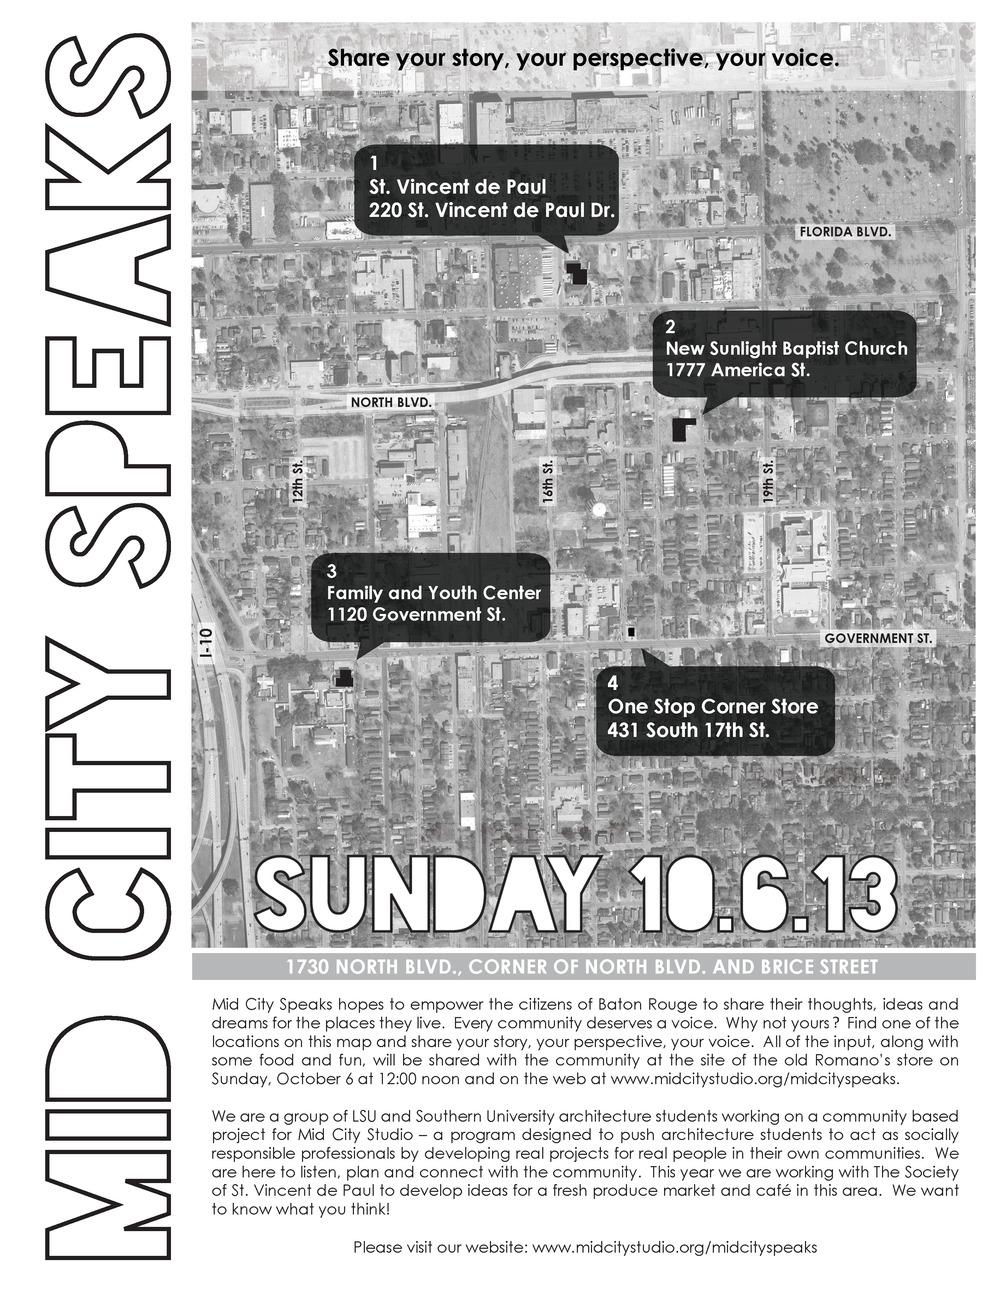 midcityspeaks - flyer.jpg